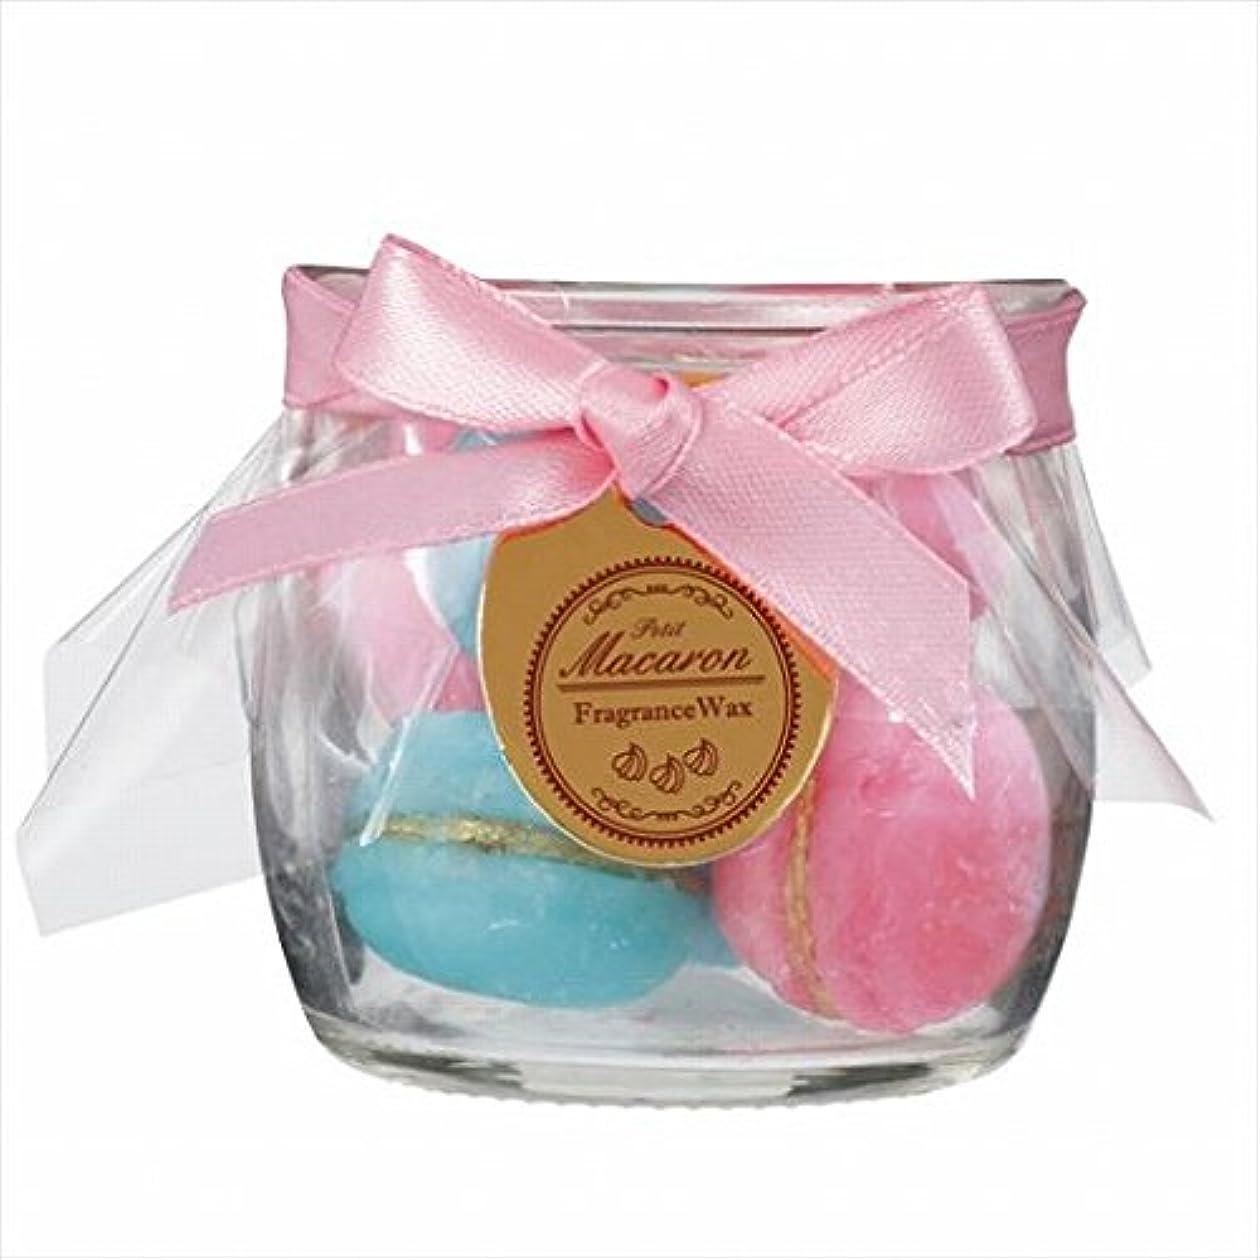 解く百玉ねぎスイーツキャンドル( sweets candle ) プチマカロンフレグランス 「 ピーチ 」 キャンドル